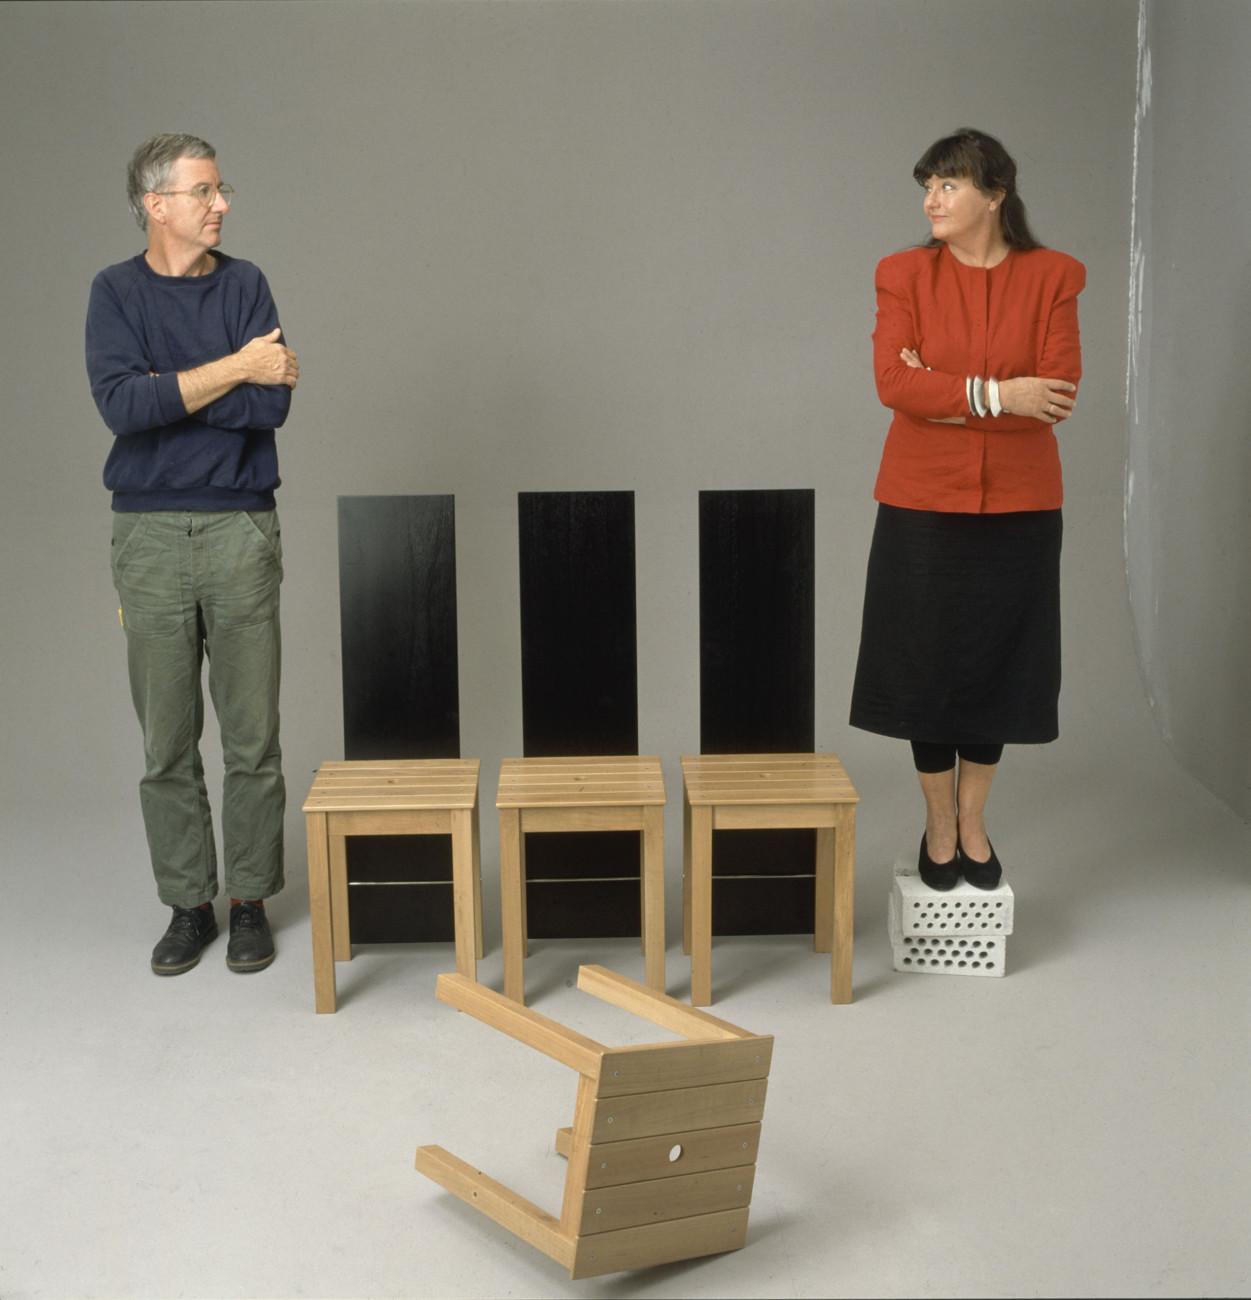 Alfred Hablützel: Susi and Ueli Berger with Tabouret (1987), Museum für Gestaltung Zürich, Designsammlung